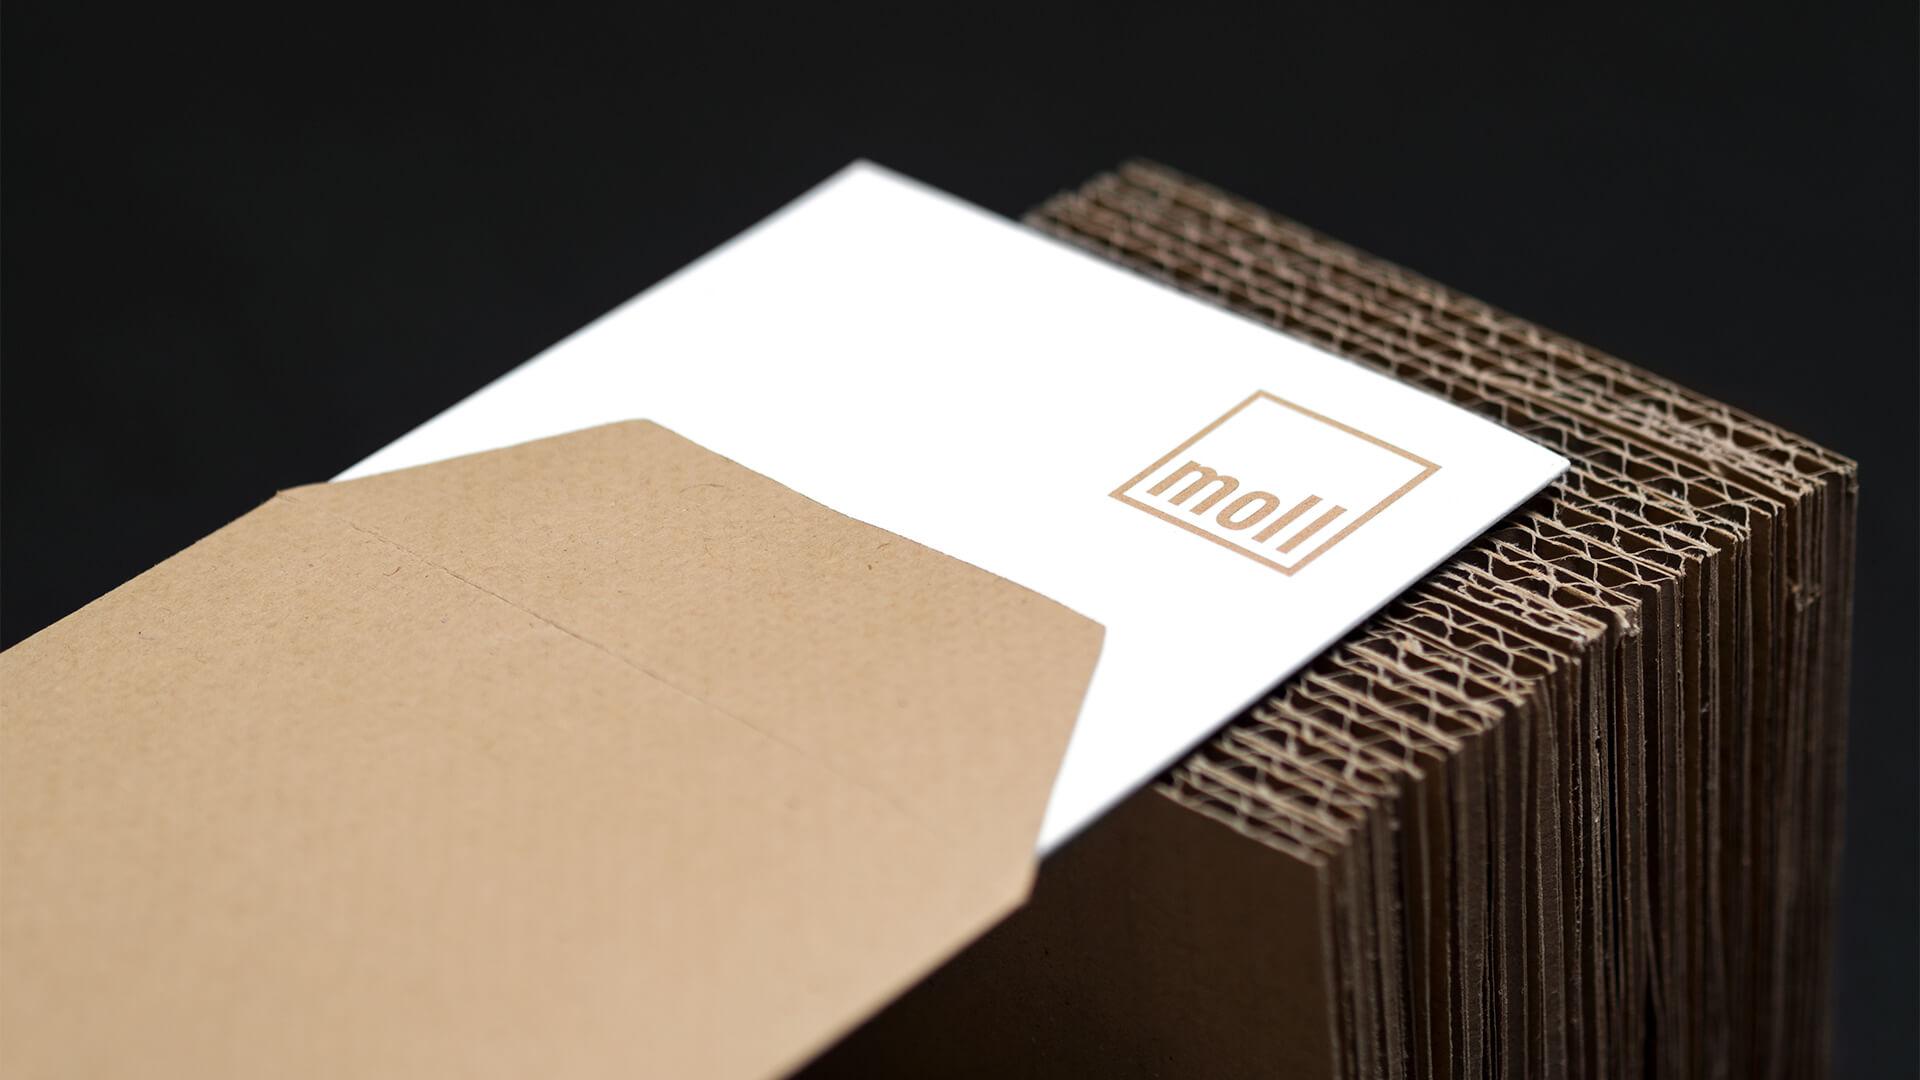 Die Einladungskarte zur Messe halb herausgezogen aus dem Papierumschlag mit Logo moll